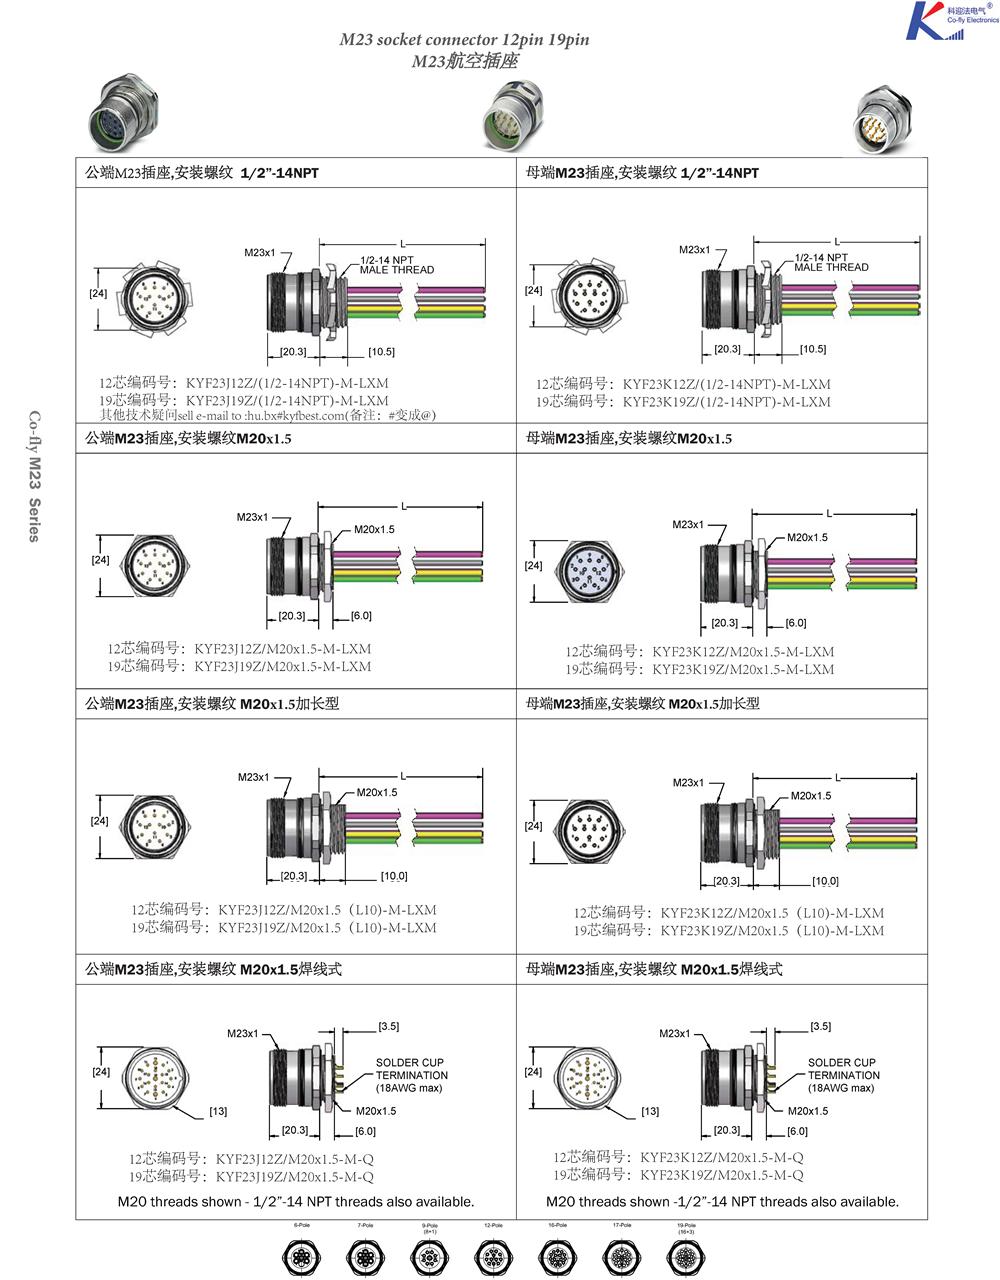 M23航空插座产品非常适用于先进的伺服驱动器编码器反馈应用,包装,机器人,印刷,机床,医疗和自动化环境,在这些环境中,在坚固紧凑的输送系统中需要控制信号传输或电源。